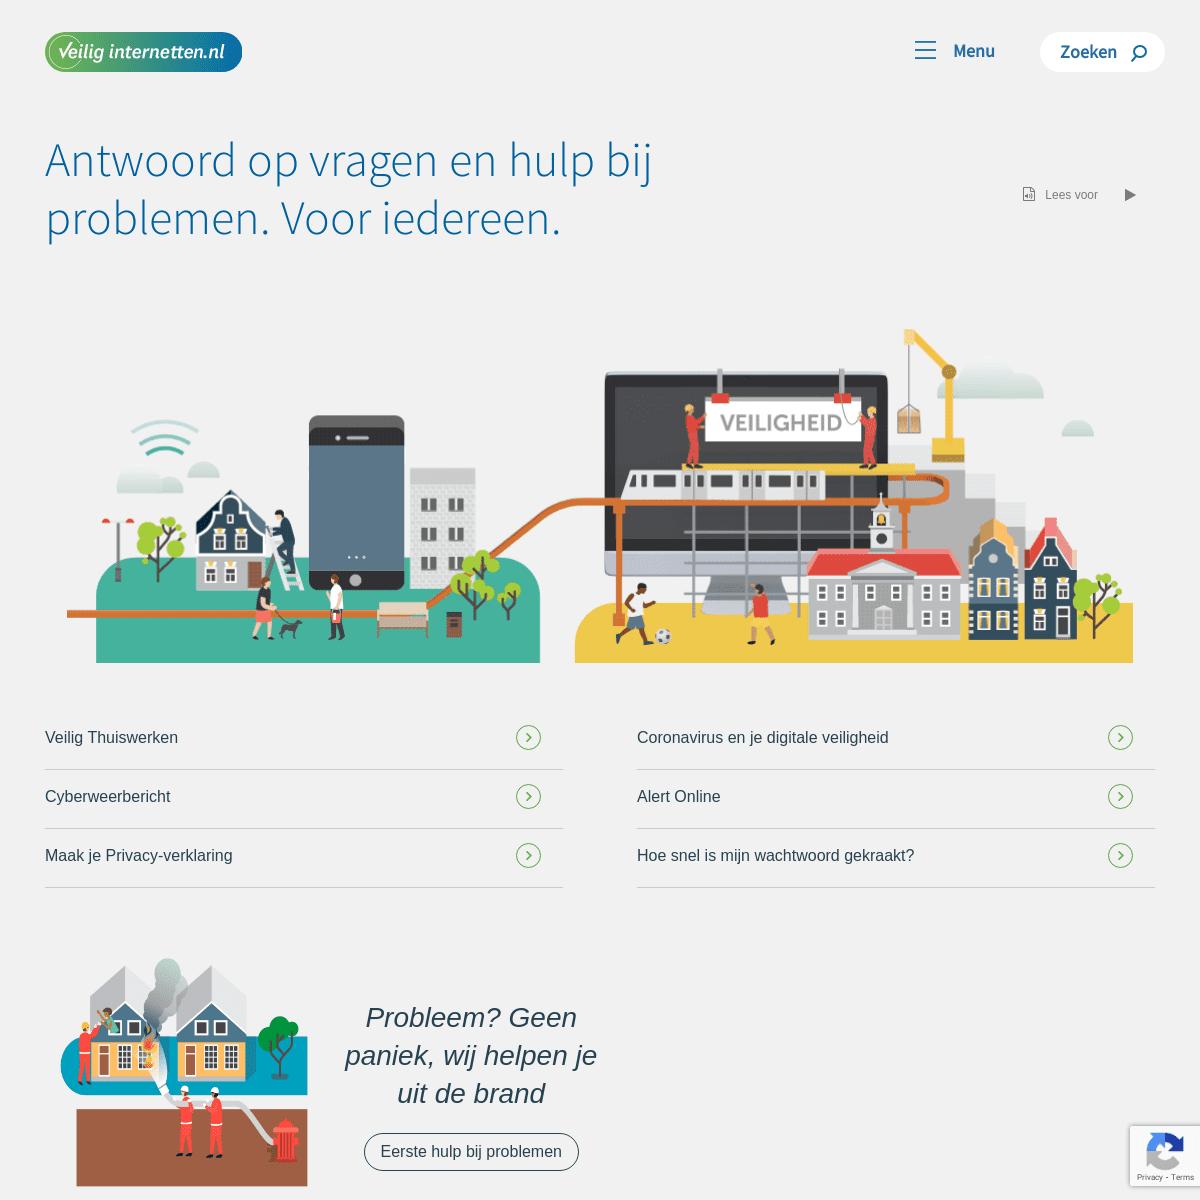 A complete backup of https://veiliginternetten.nl